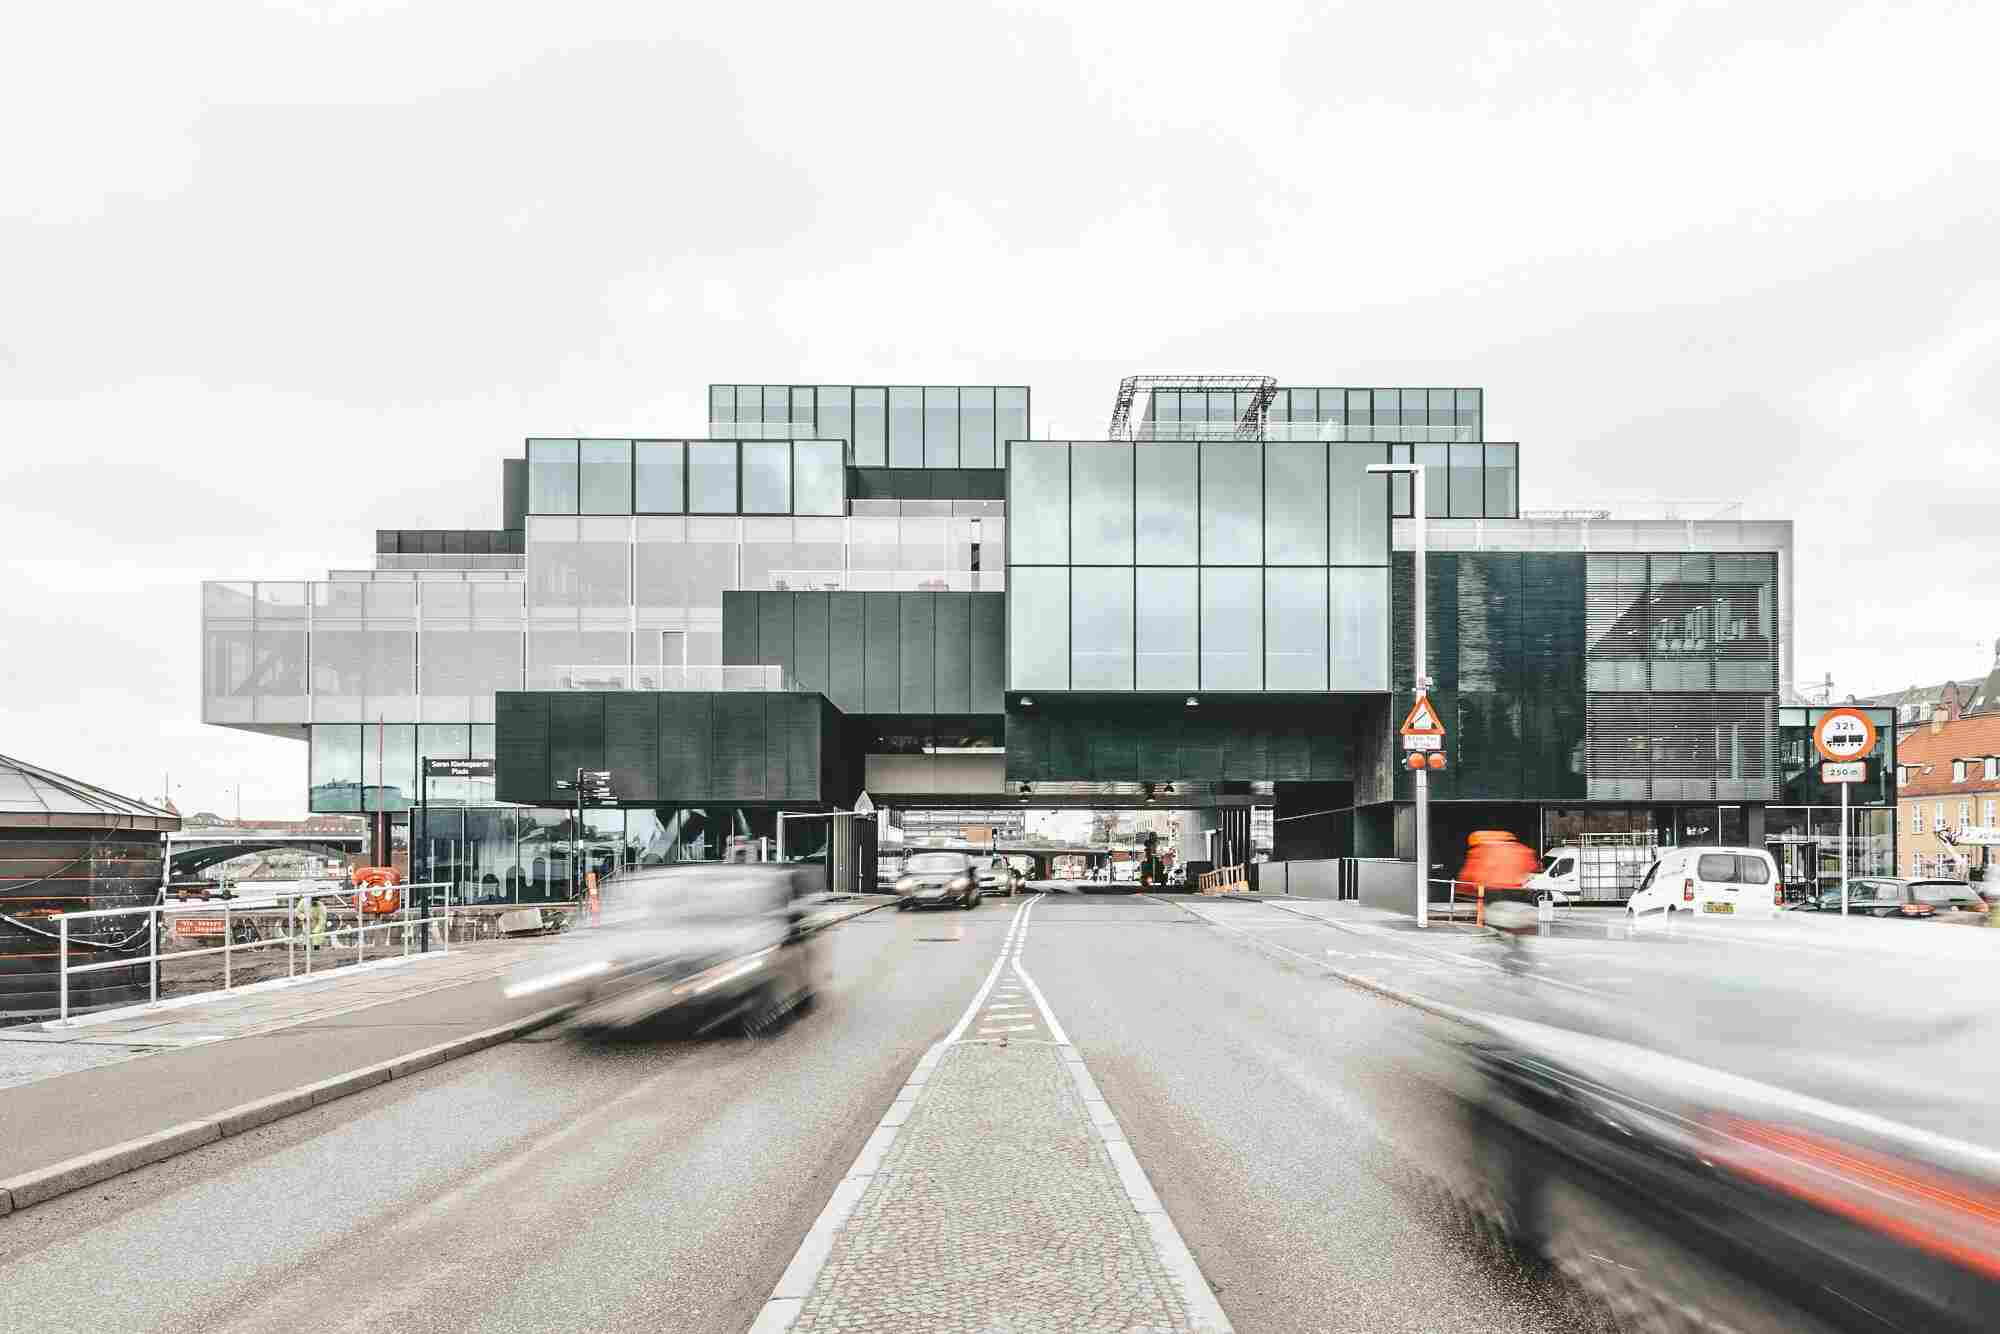 Arquitetura em Copenhague: edifício Blox, do escritório OMA